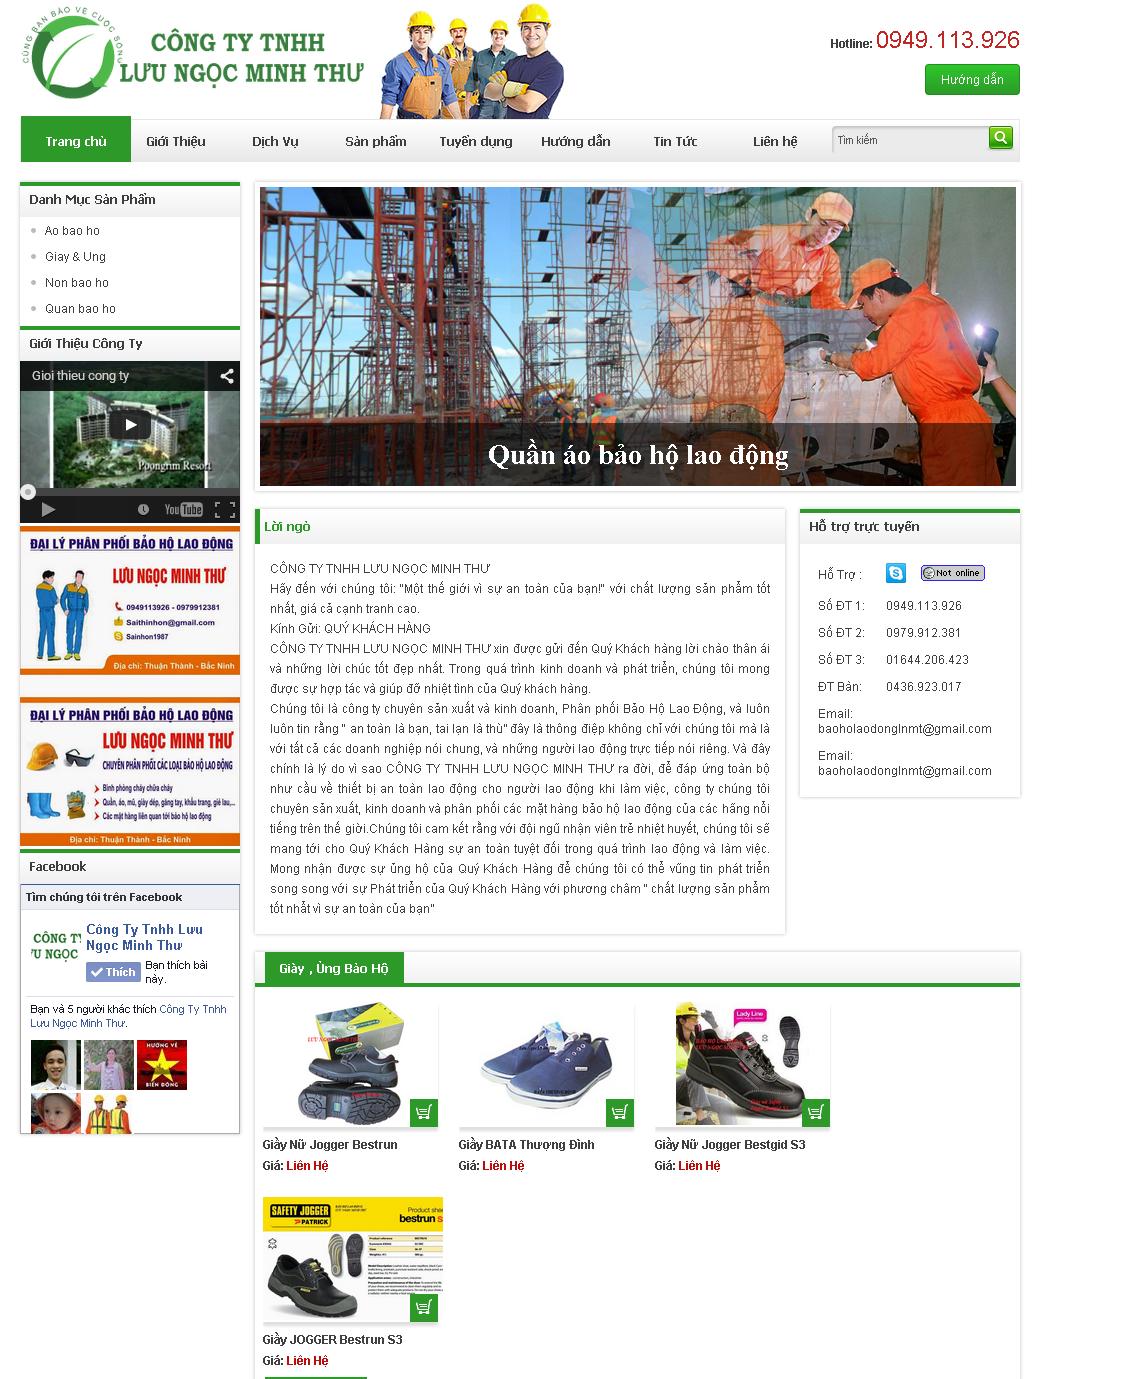 Dự án website bảo hộ lao động